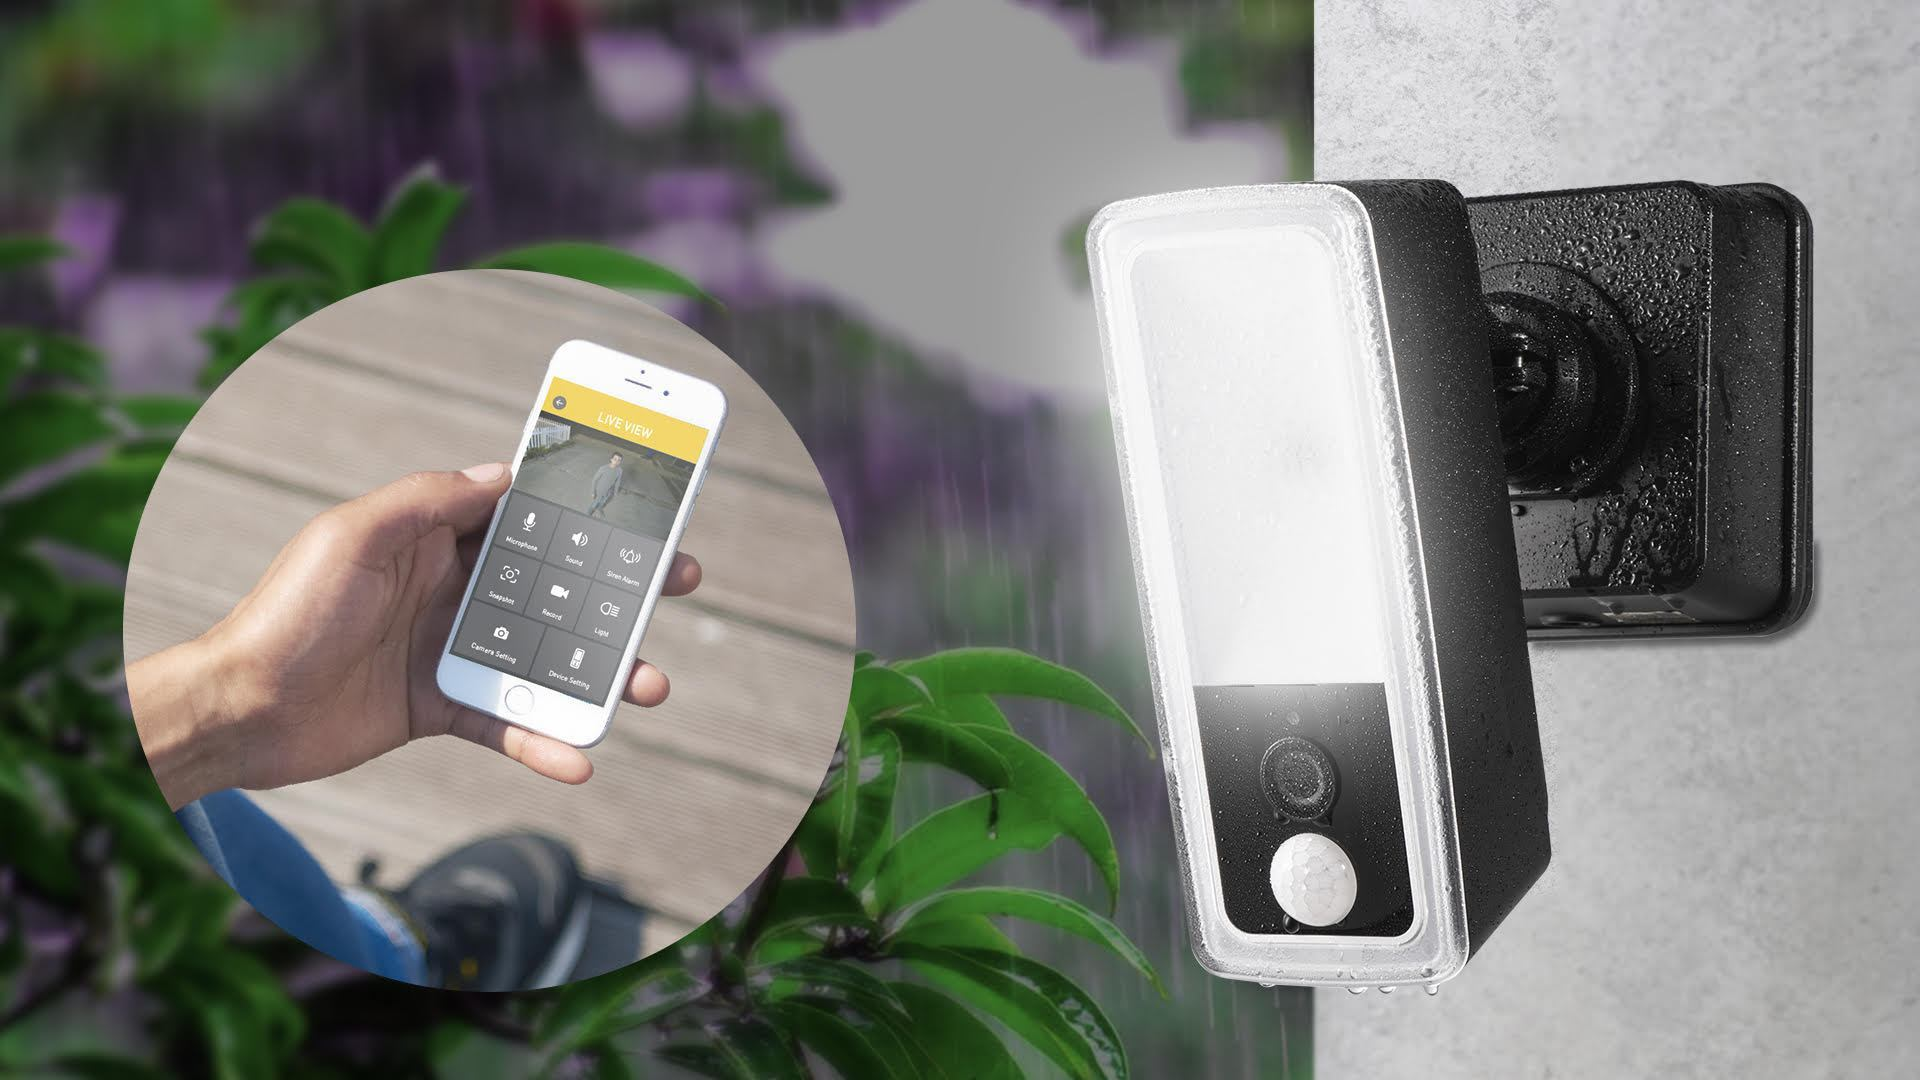 科达:配置运动激活的安全摄像头,泛光灯+报警